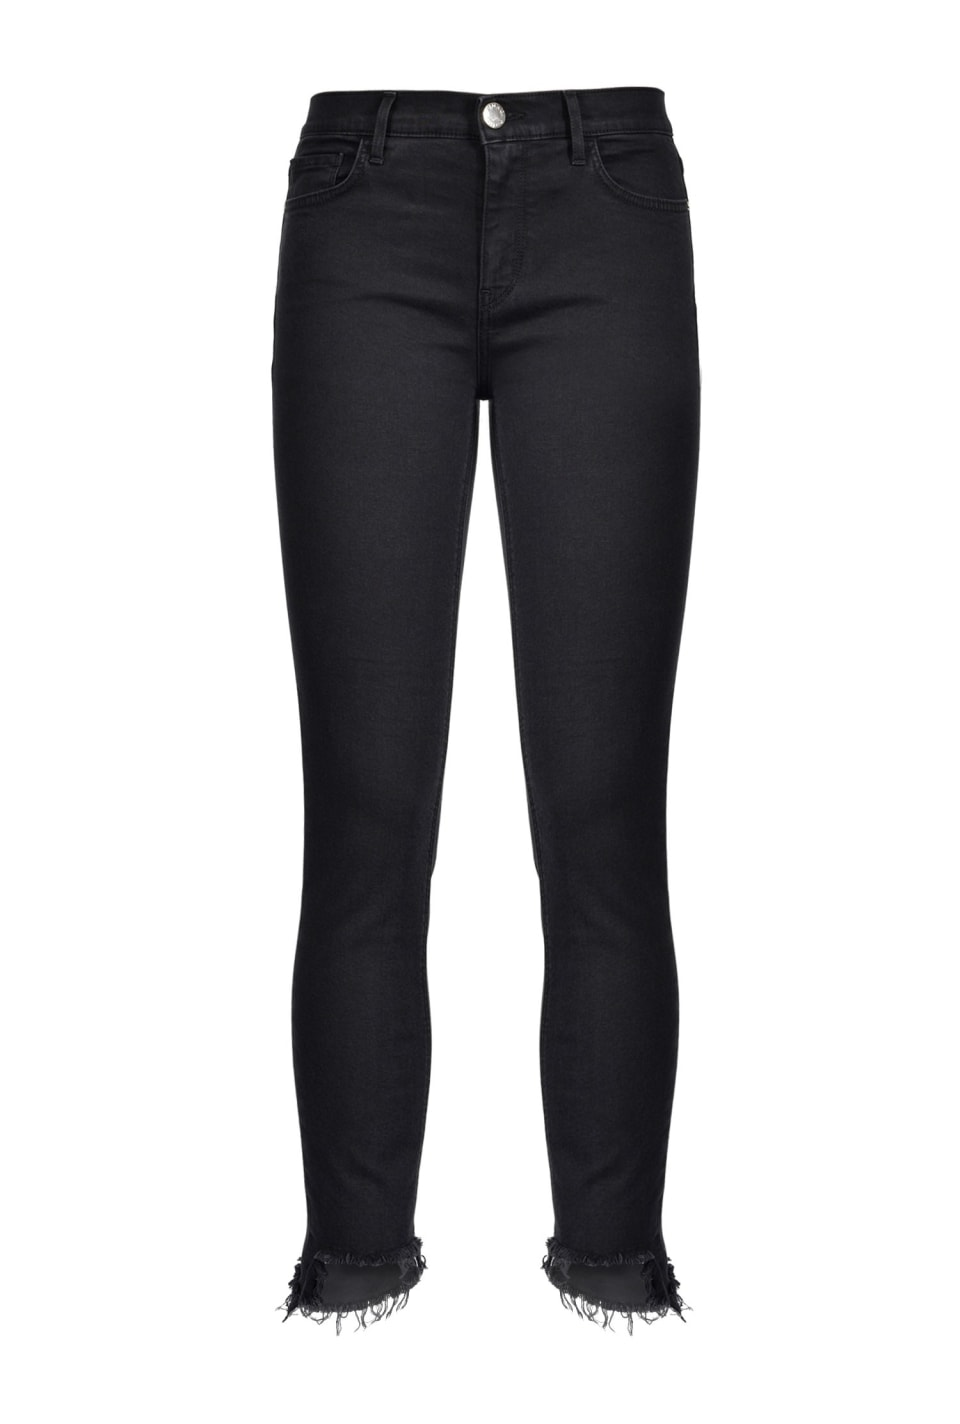 Skinny jeans in power stretch denim - Pinko